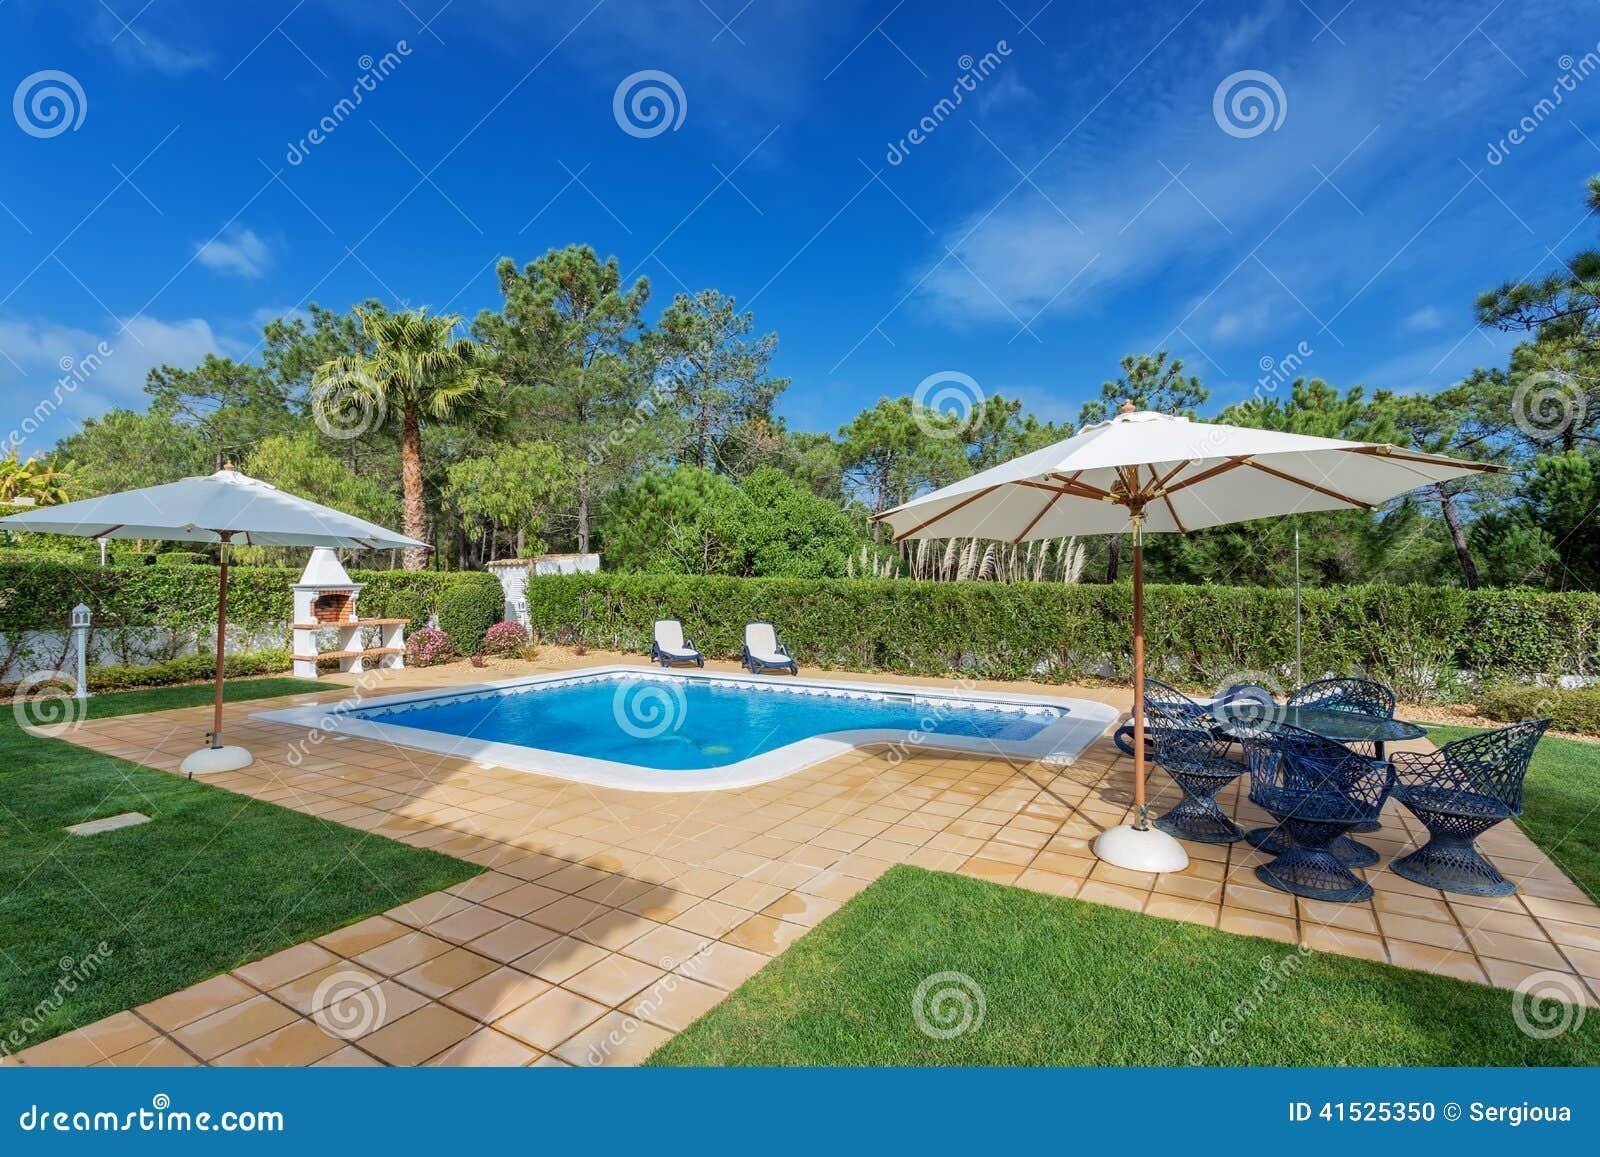 Aanbiddelijk Modern Zwembad Met Decoratief Meubilair Stock Foto   Afbeelding  41525350